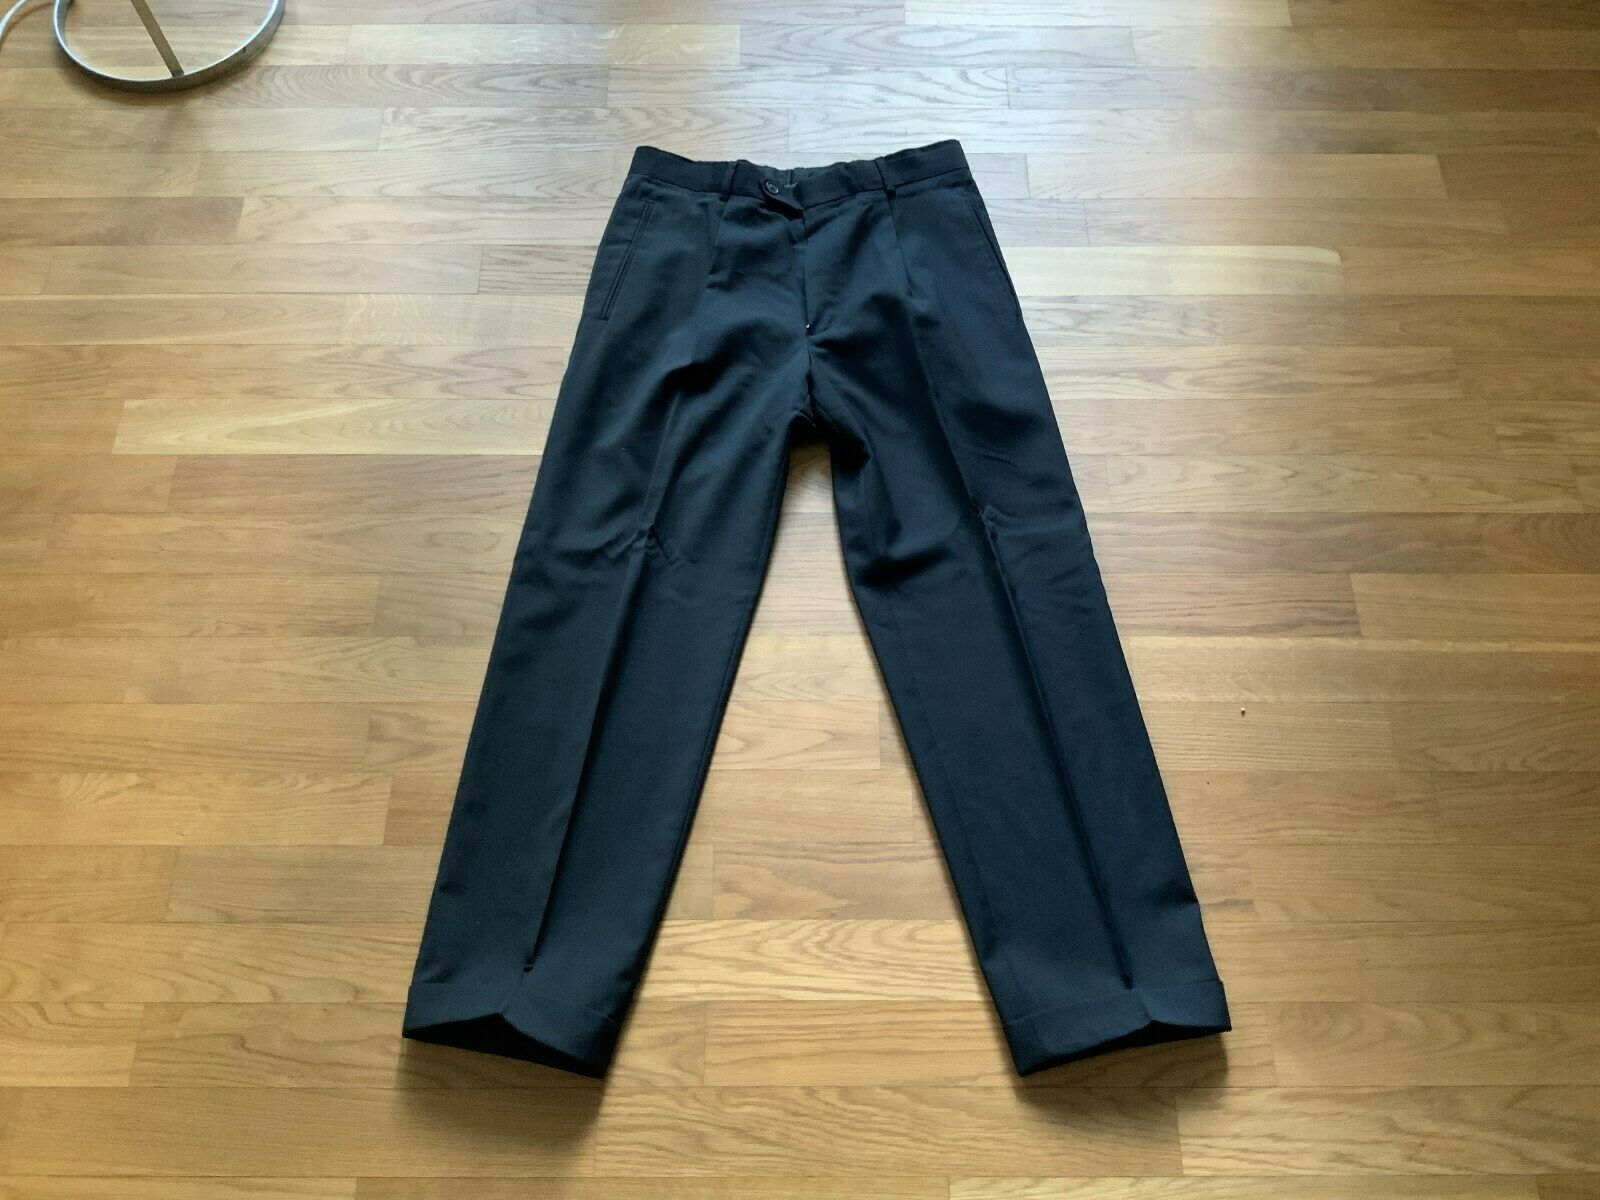 Schwarze Boss Anzughose - Größe 48 - sehr guter Zustand